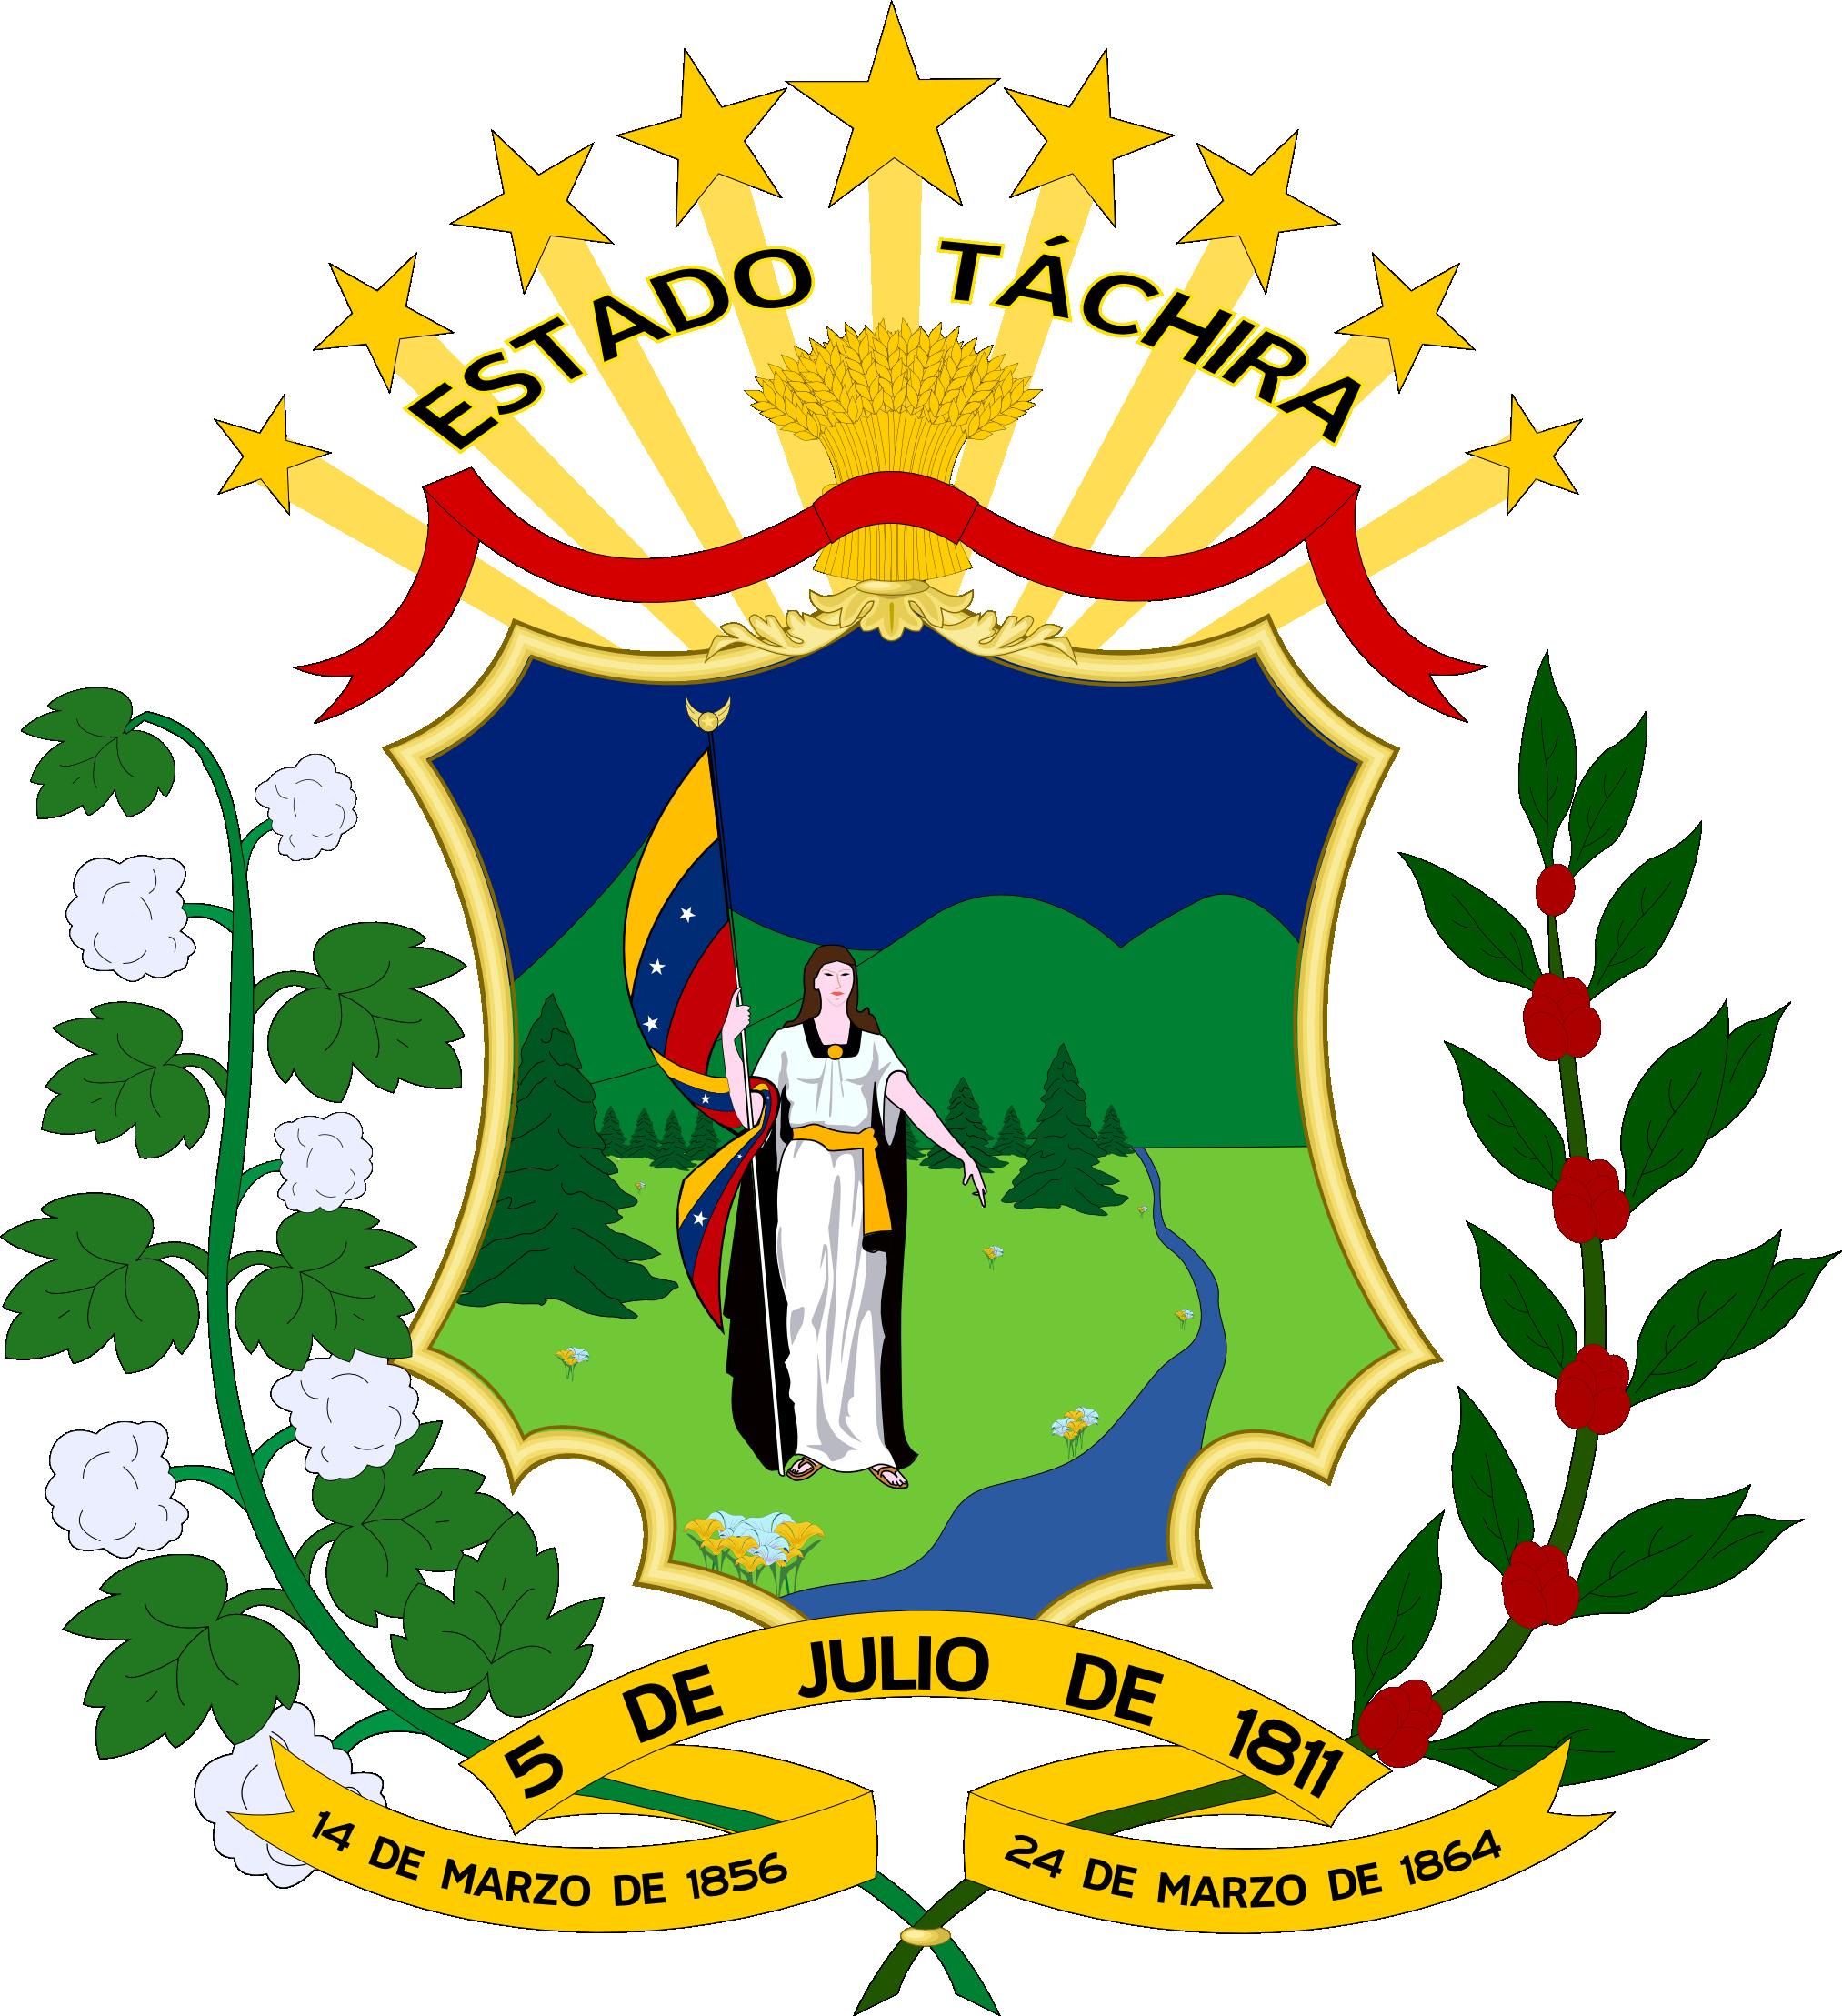 File:Escudo Estado Tachira.png - Wikimedia Commons